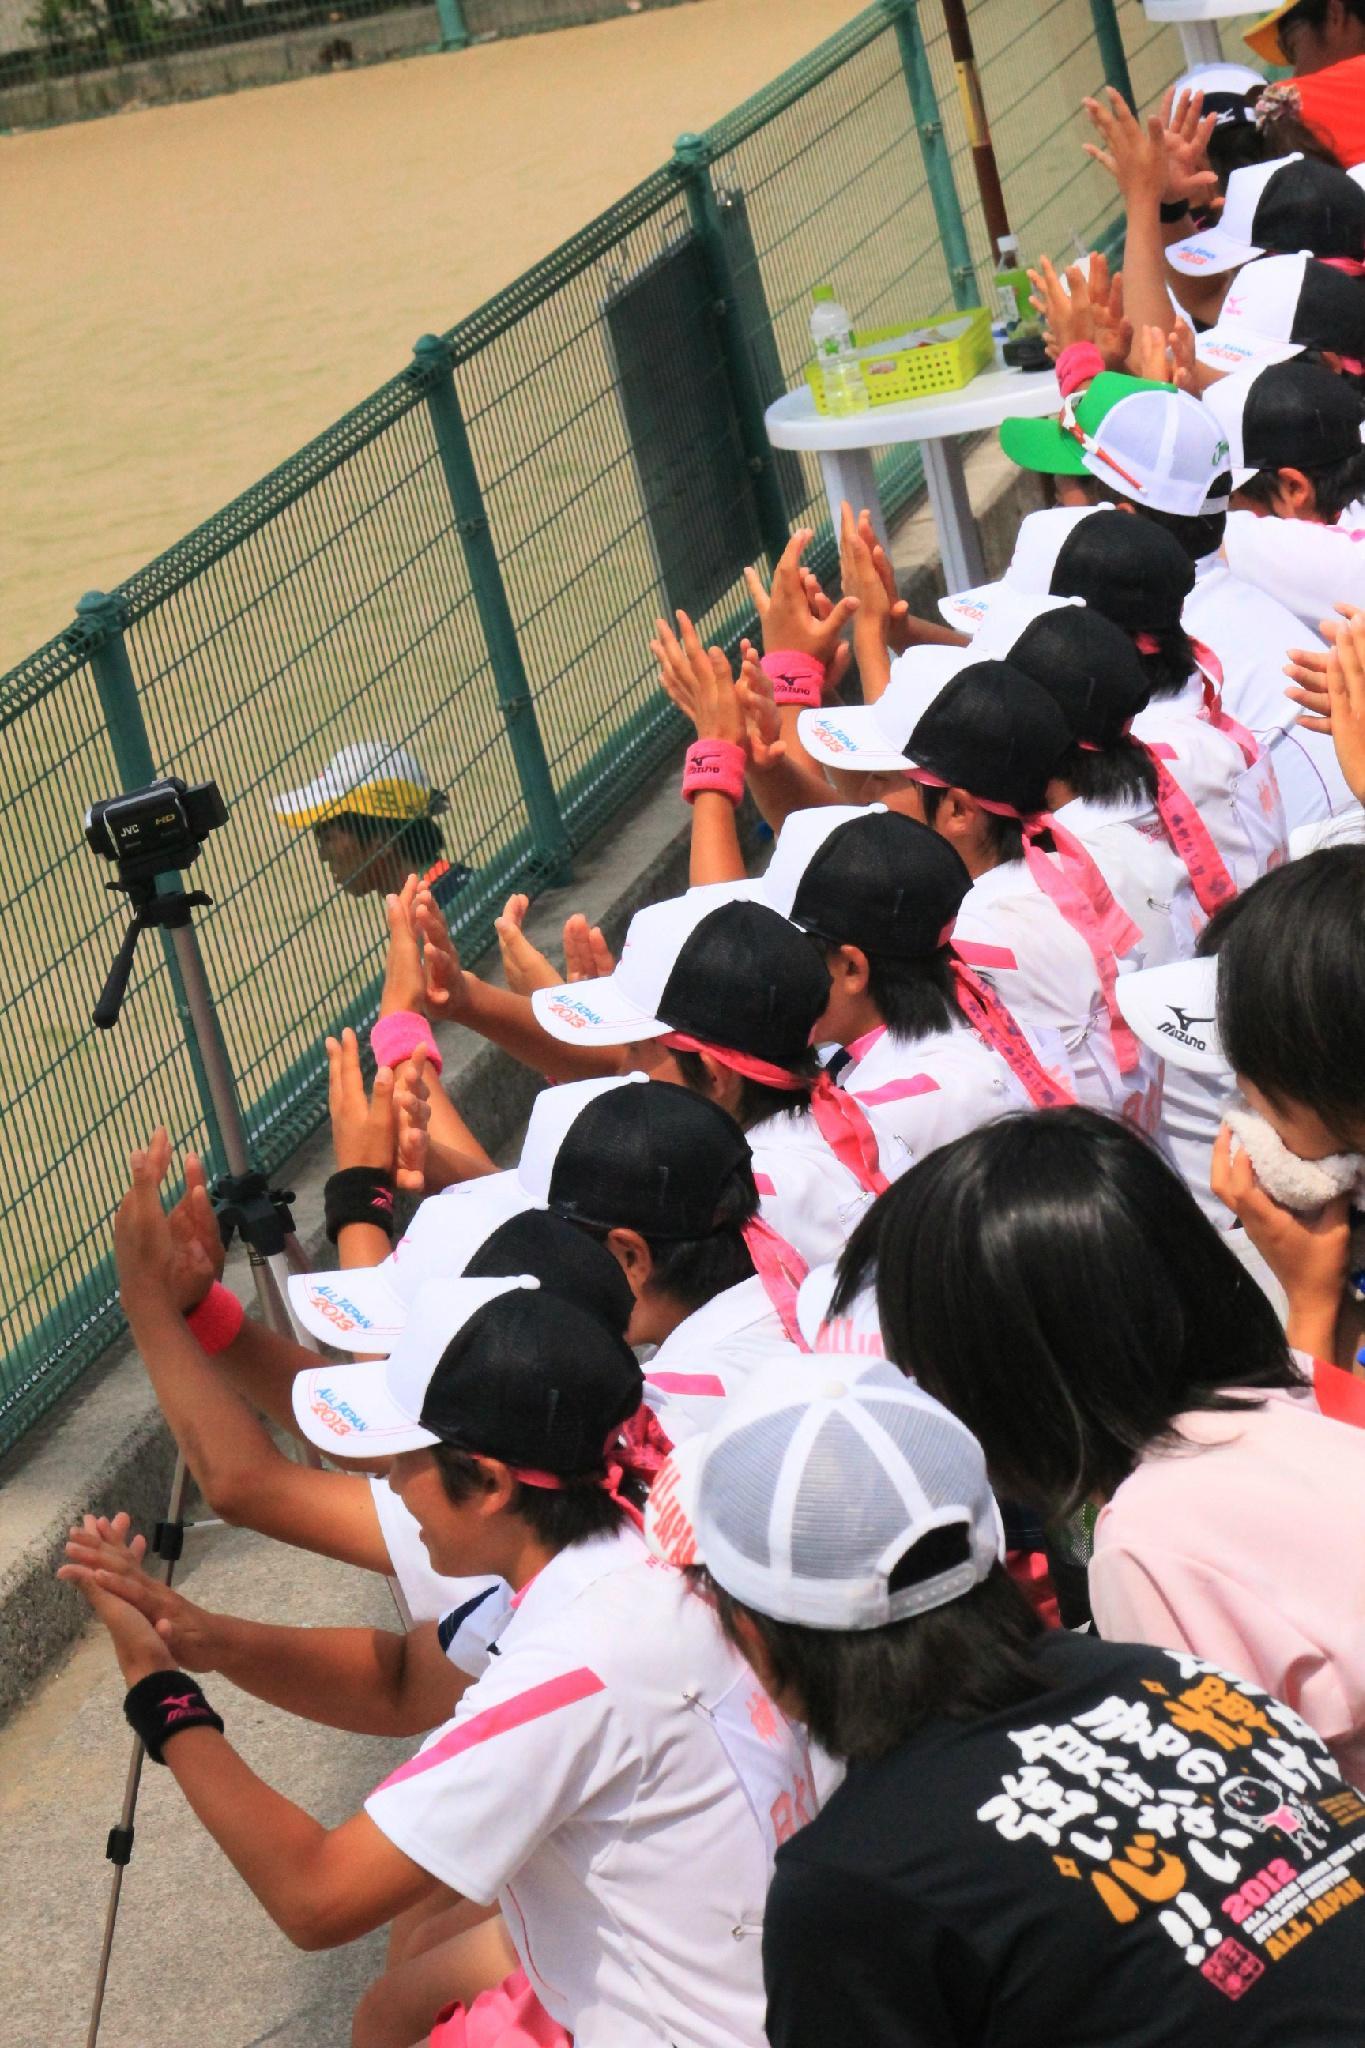 ぉまみ on Twitter \u0026quot;2014南関東インターハイ@千葉県白子町◆ソフトテニス競技開幕まであと10日!◆(Photo:2013大分インターハイより)